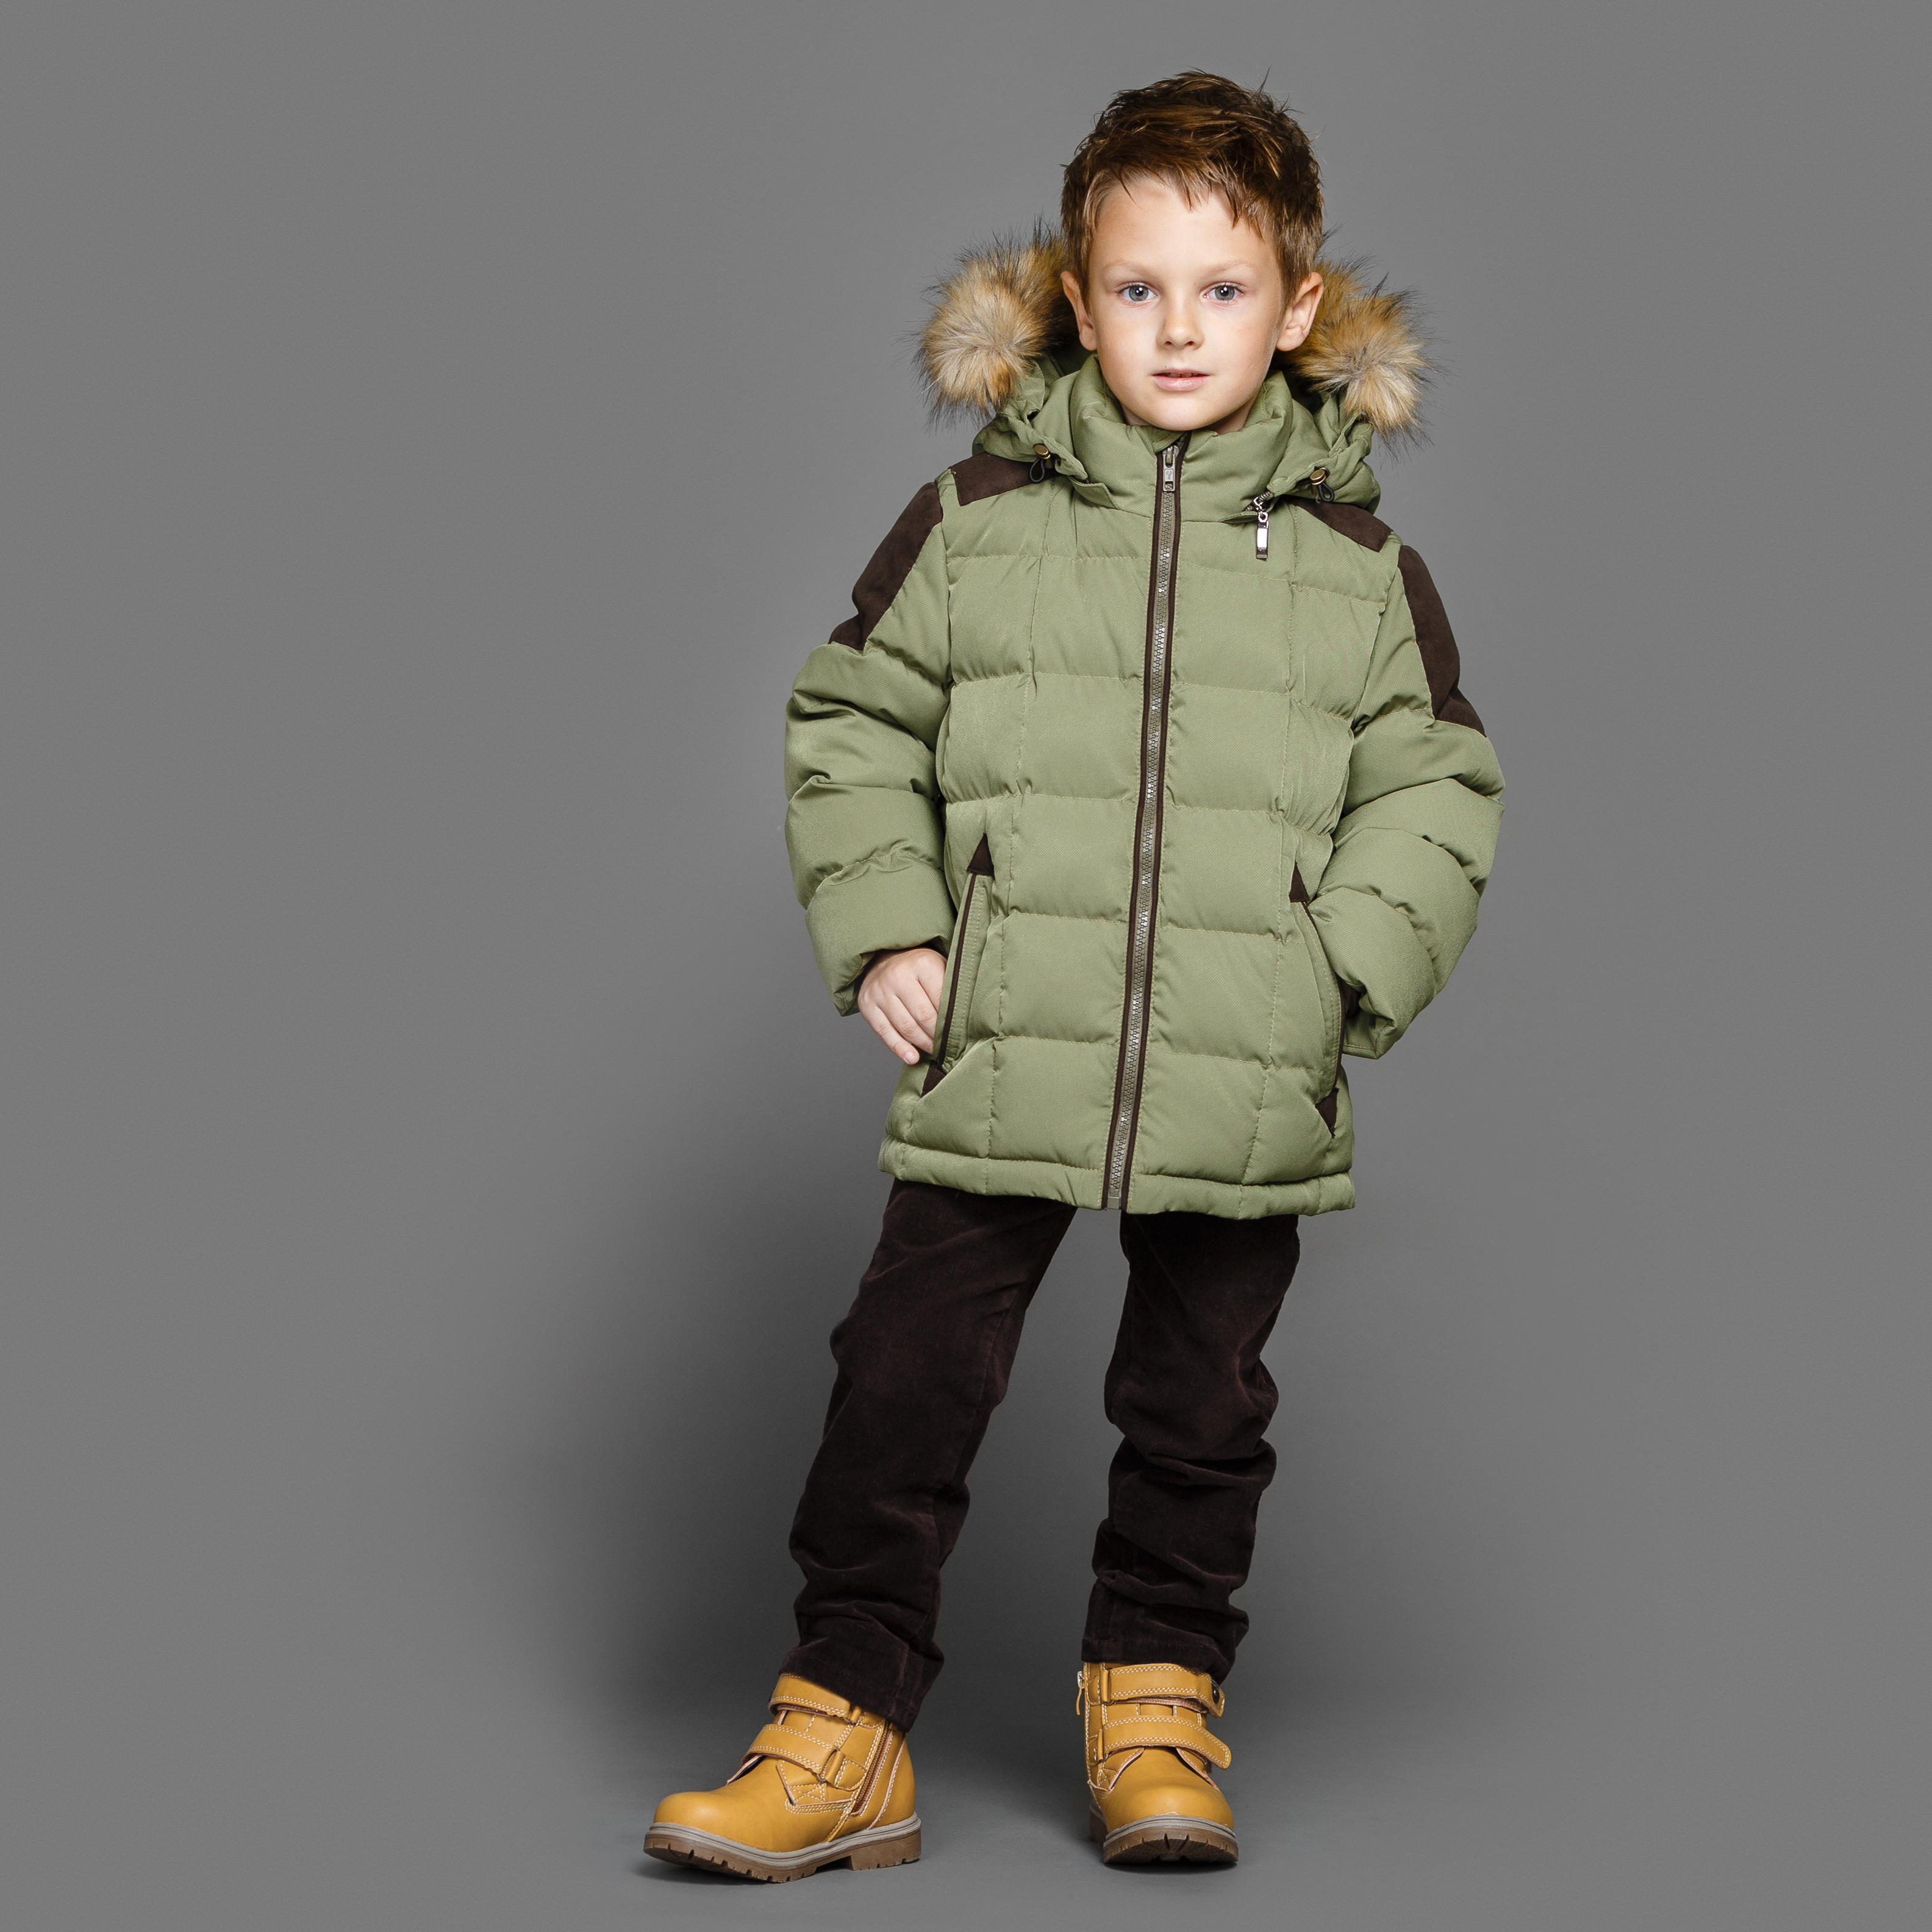 Куртка для мальчика Ёмаё, цвет: зеленый. 39-147. Размер 9839-147Теплая куртка для мальчика Ёмаё идеально подойдет в холодное время года. Модель изготовлена из 100% полиэстера на комбинированной подкладке из хлопка и таффеты. В качестве наполнителя используются синтепух (плотность набивки - 300 гр/м кв). Стеганая куртка с капюшоном застегивается на пластиковую застежку-молнию с внутренней ветрозащитной планкой. Капюшон с отстегивающейся опушкой из искусственного меха крепится к куртке при помощи молнии. Низ рукавов дополнен скрытыми трикотажными манжетами, которые мягко обхватывают запястья. Спереди предусмотрены два прорезных кармана. Понизу проходит скрытая резинка со стопперами.